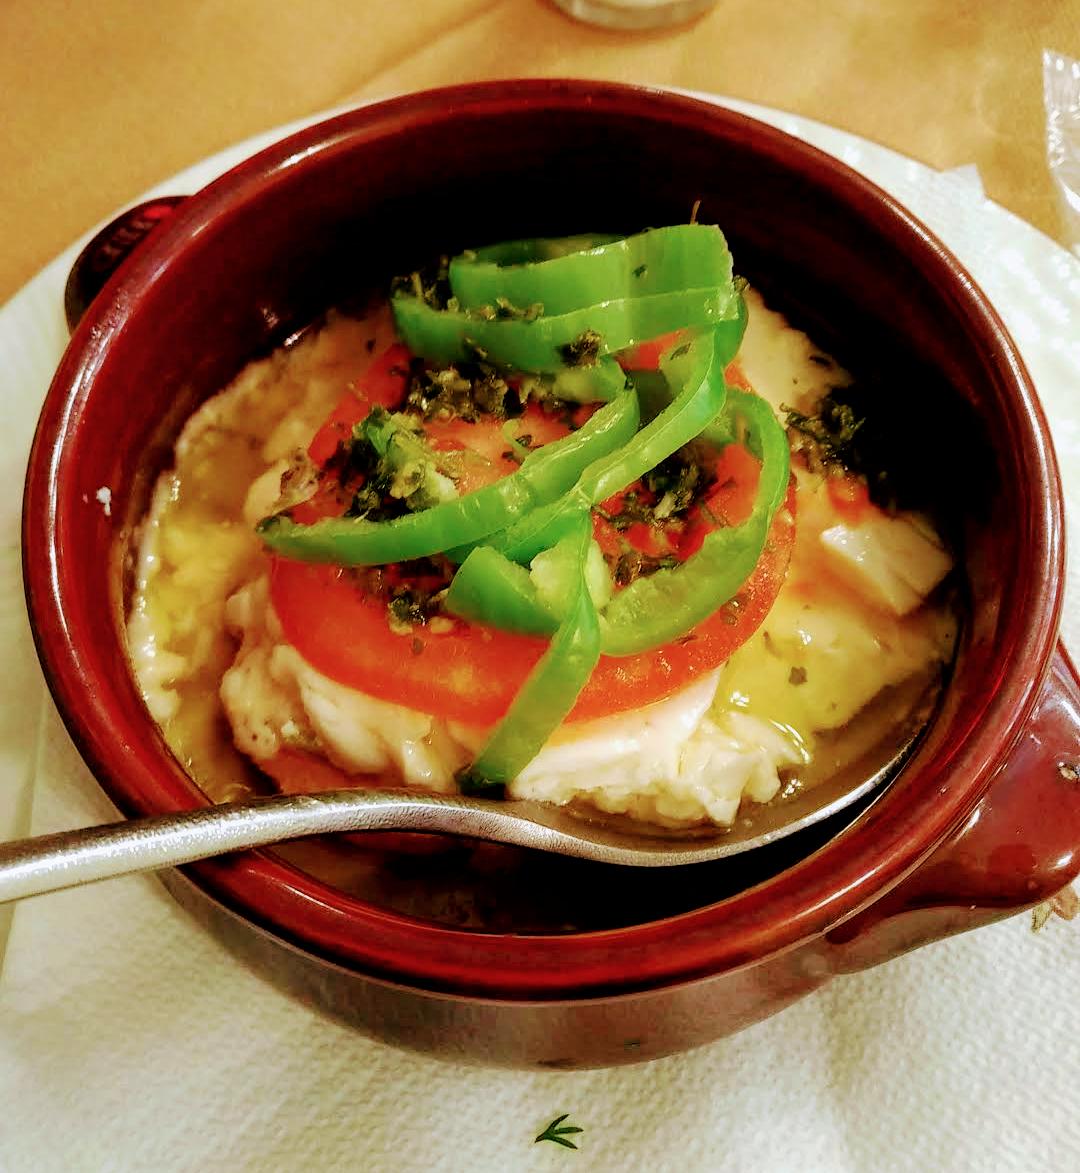 Feta fritta (saganaki) e feta al forno